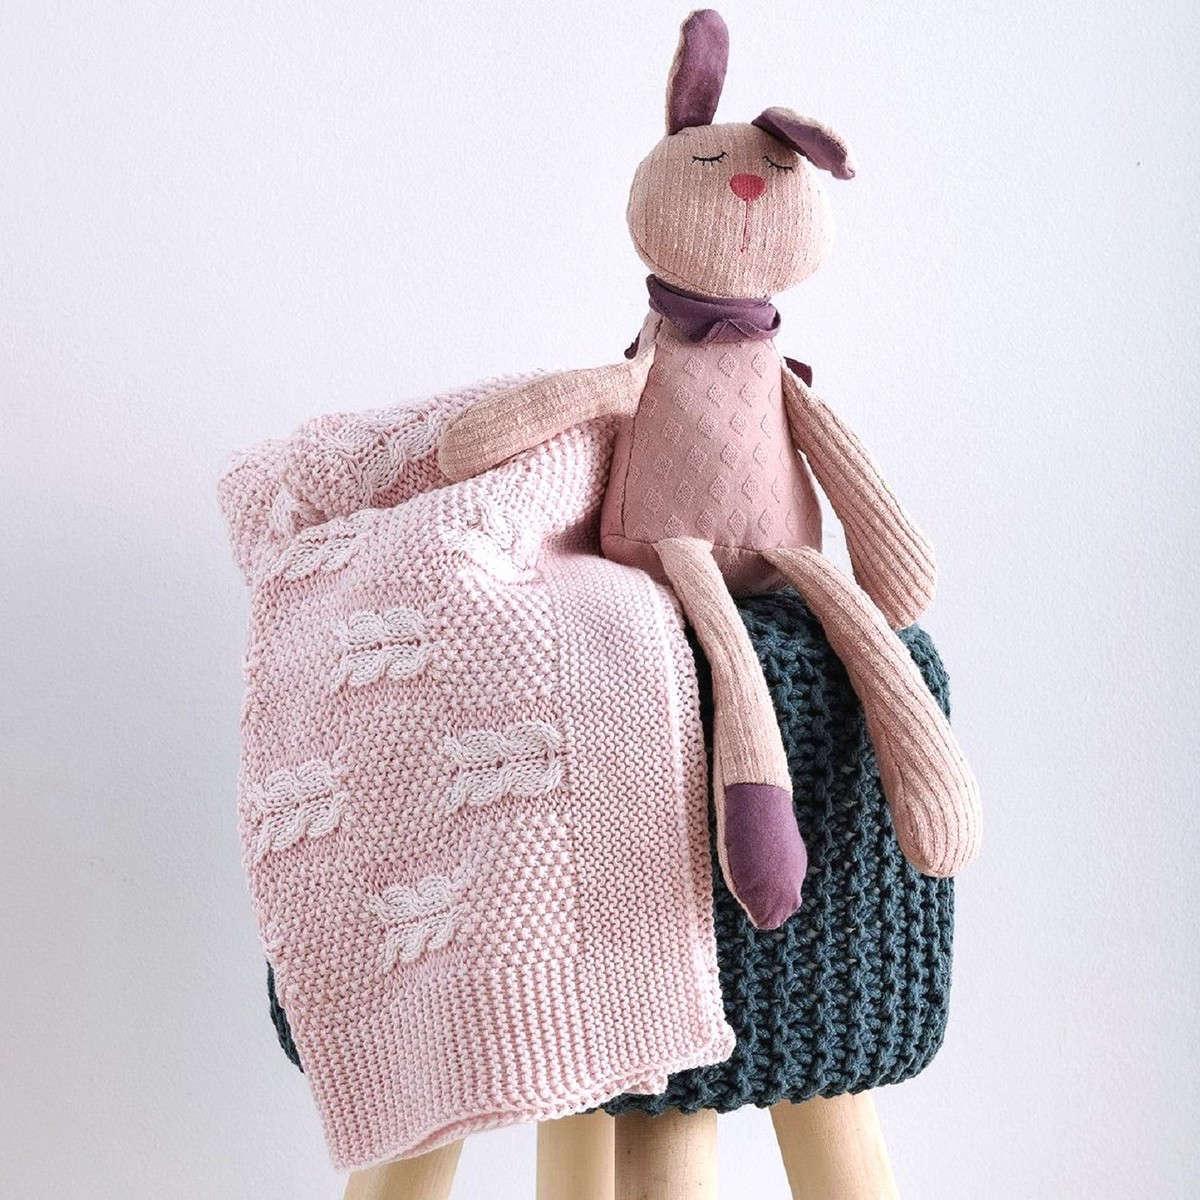 Κουβέρτα Βρεφική Πλεχτή Tress Pink Sb Home ΑΓΚΑΛΙΑΣ 90x90cm